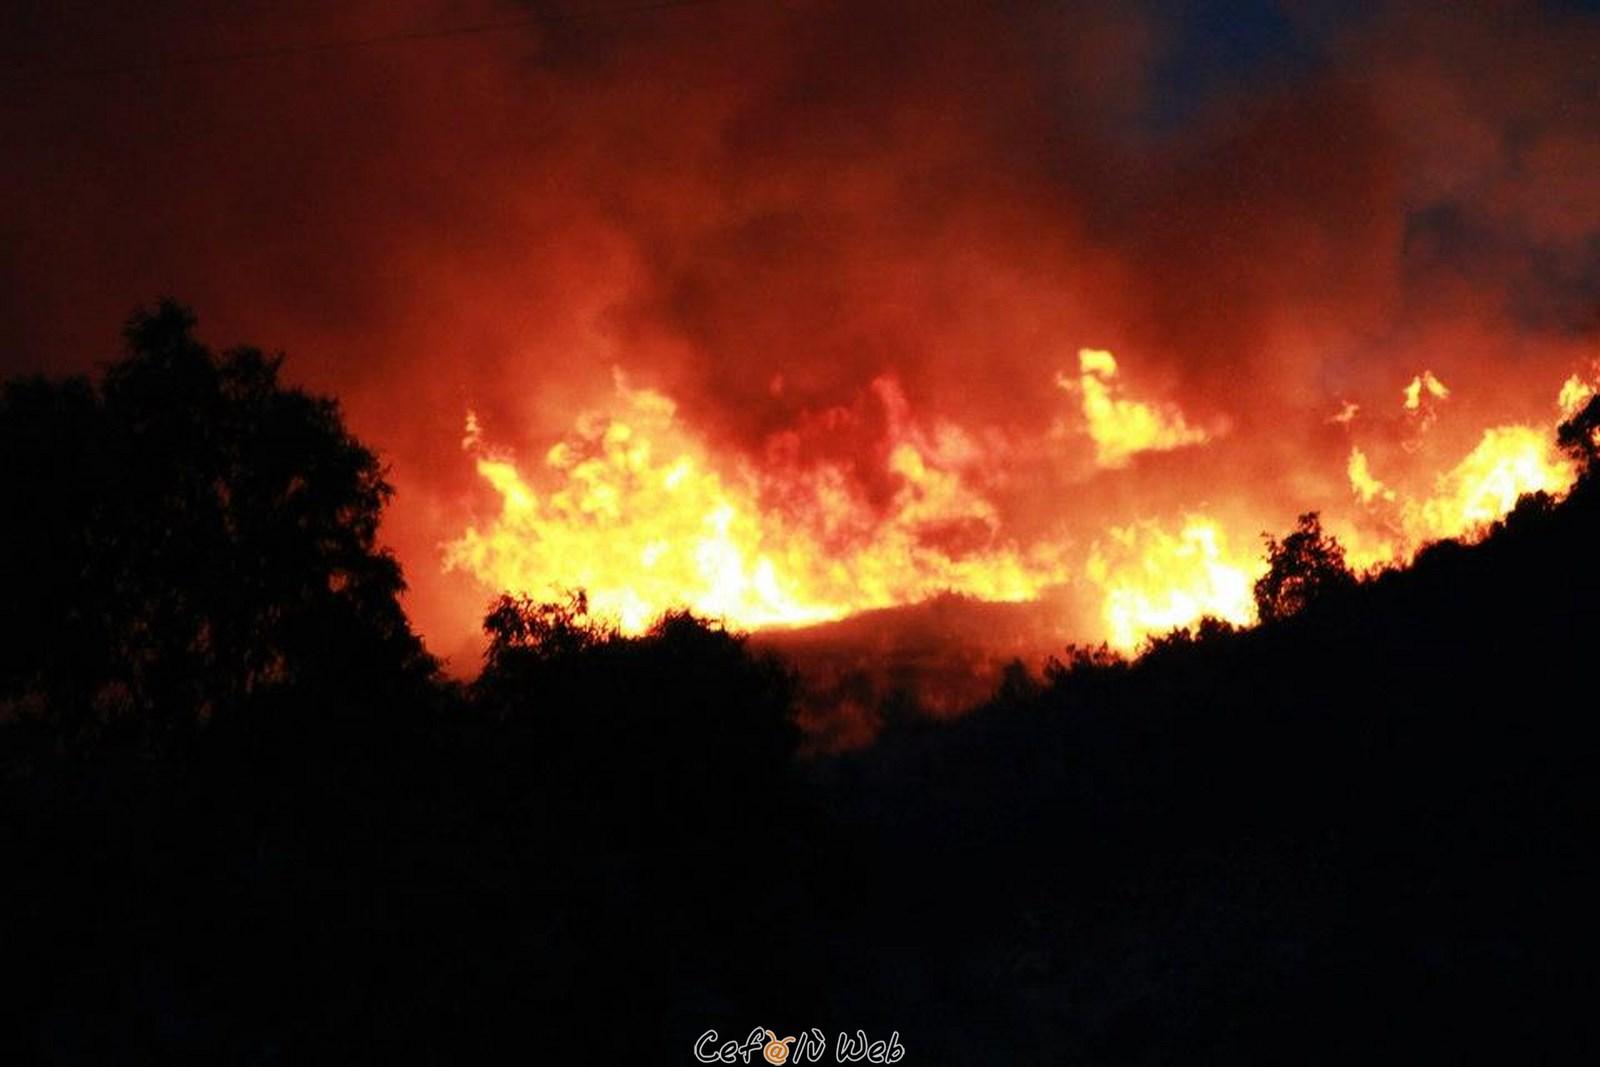 Esito Sondaggio soccorsi incendio: i cefaludesi non sono soddisfatti